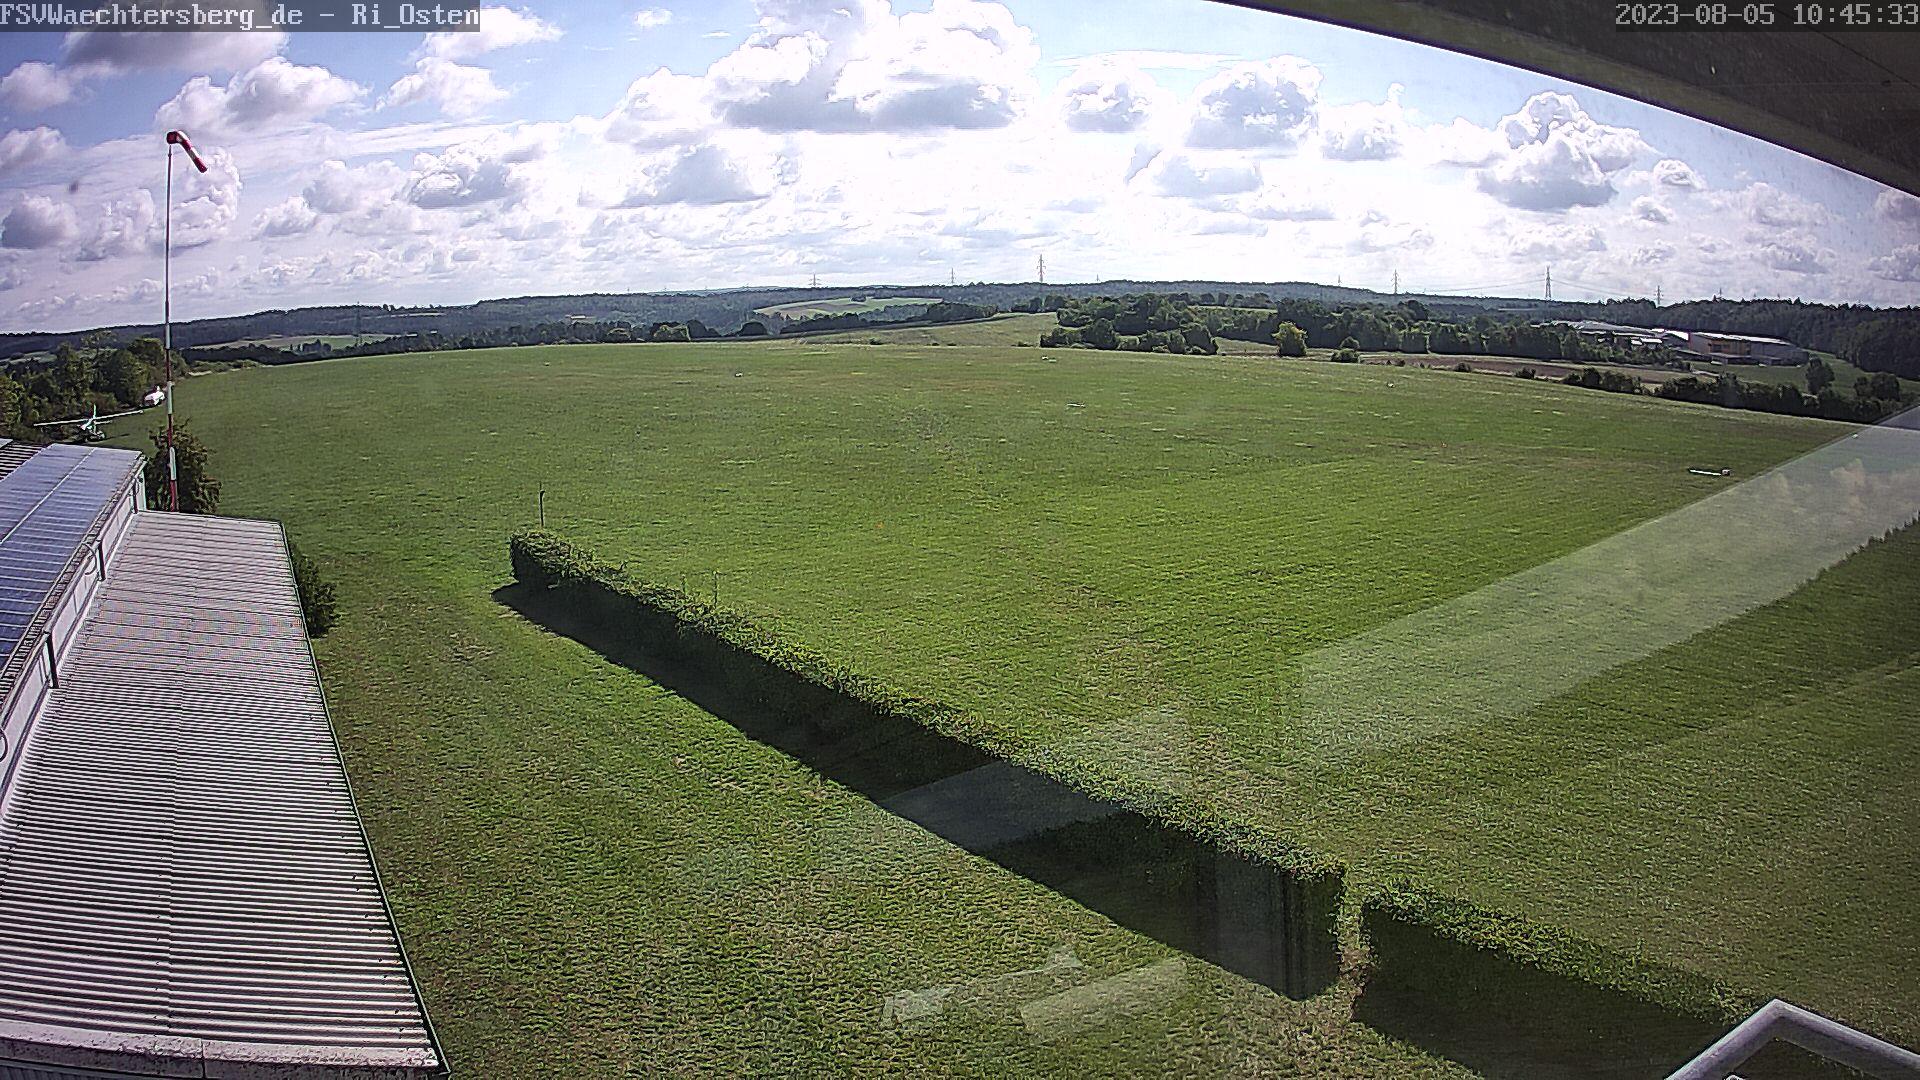 Webcam - Richtung Osten